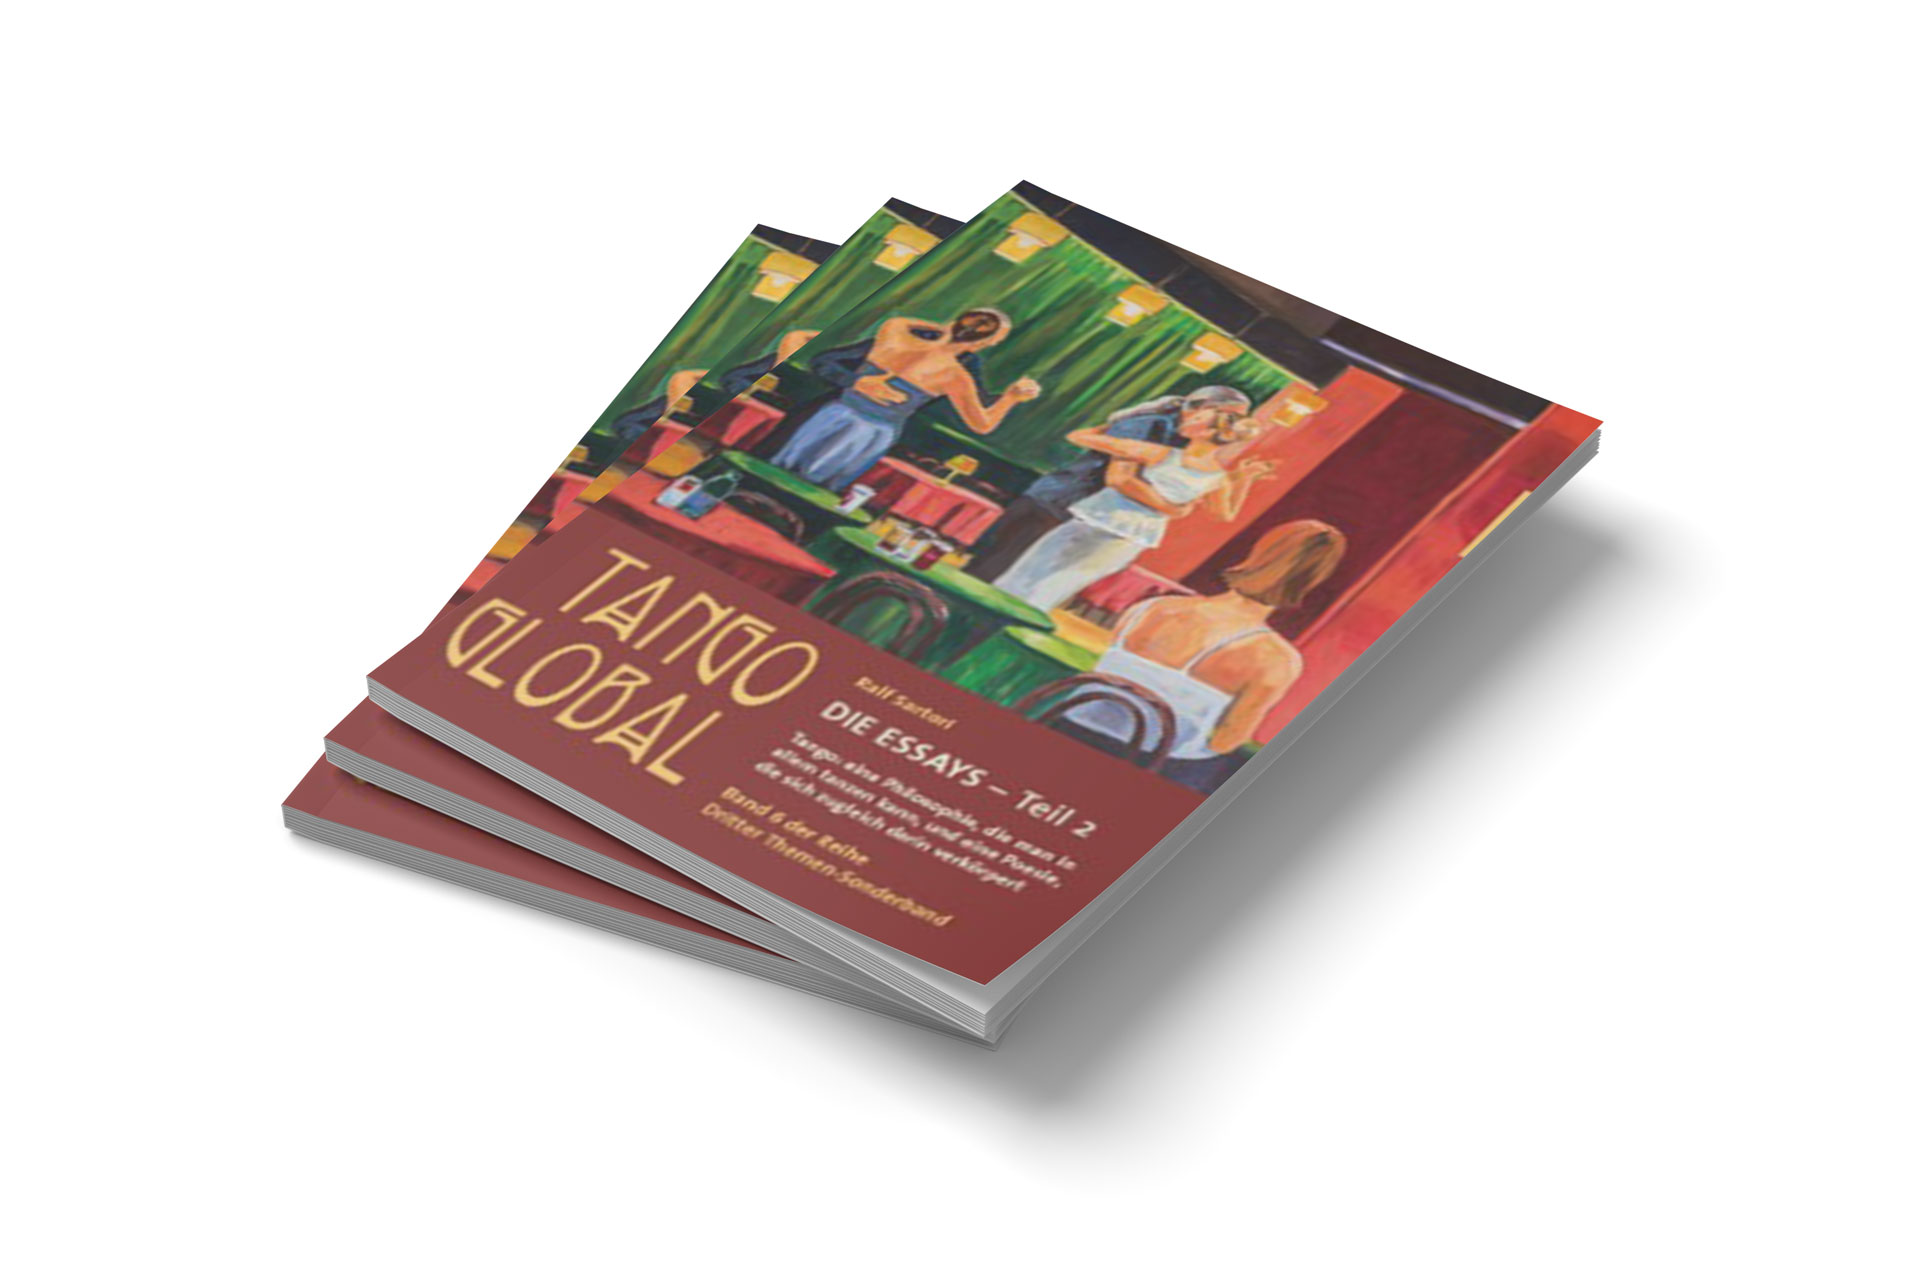 """""""Tango Global"""" von Ralf Sartori. Essays Teil 2 –  Tango: eine Philosophie, die man in allem tanzen kann, und eine Poesie, die sich zugleich darin verkörpert."""